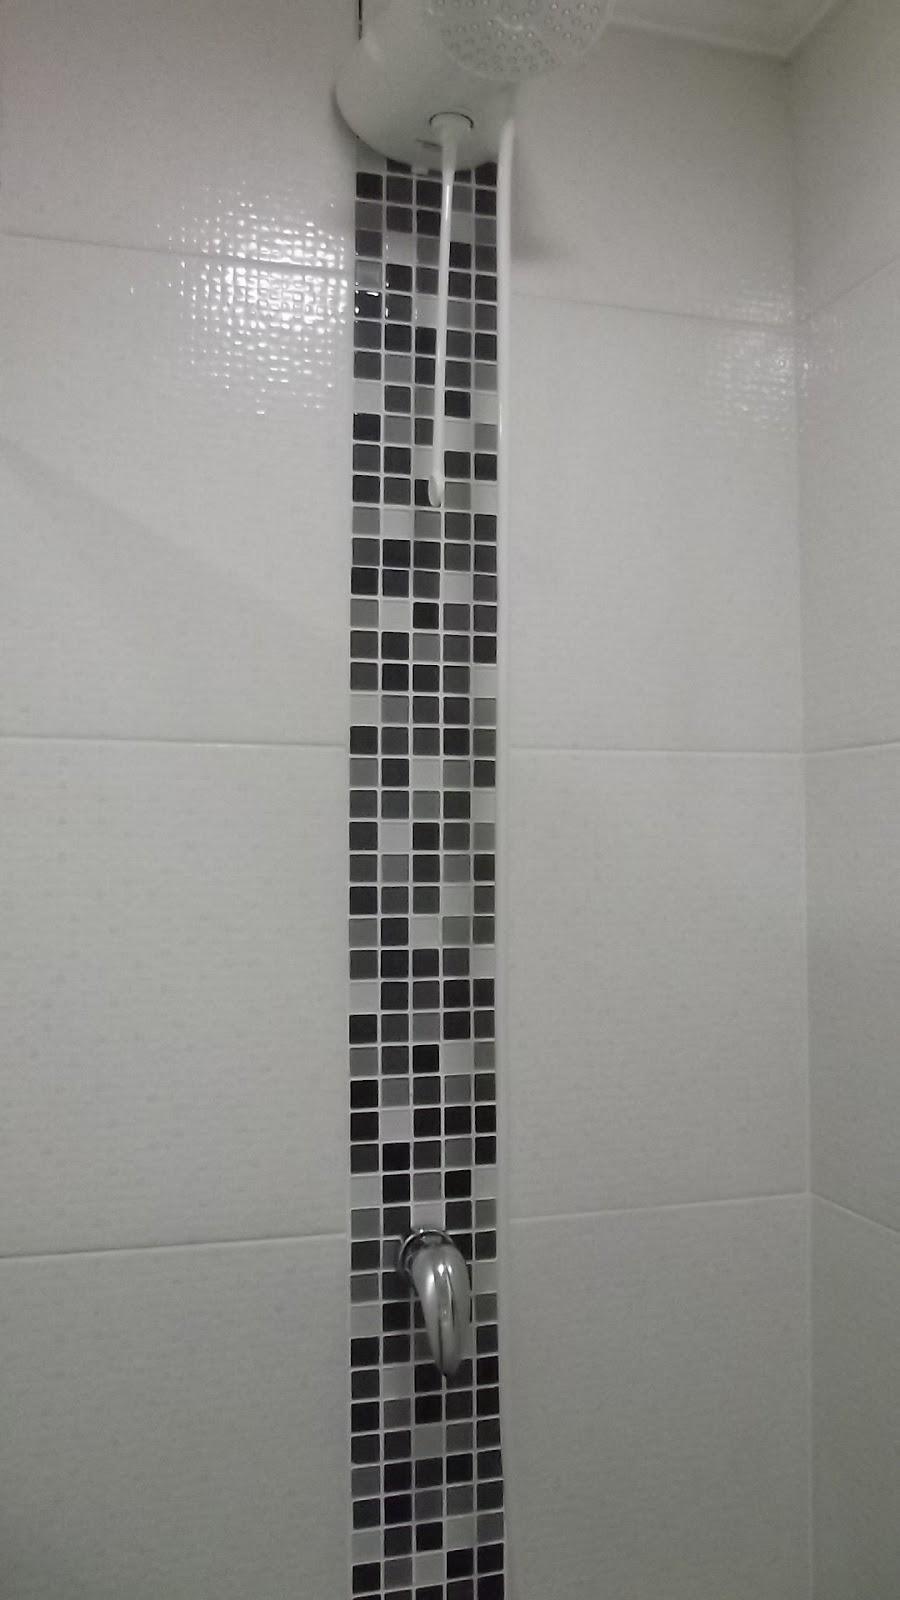 Mais um antes e depois banheiro  se fosse na minha casa -> Banheiro Com Pastilha De Vidro Atras Do Vaso